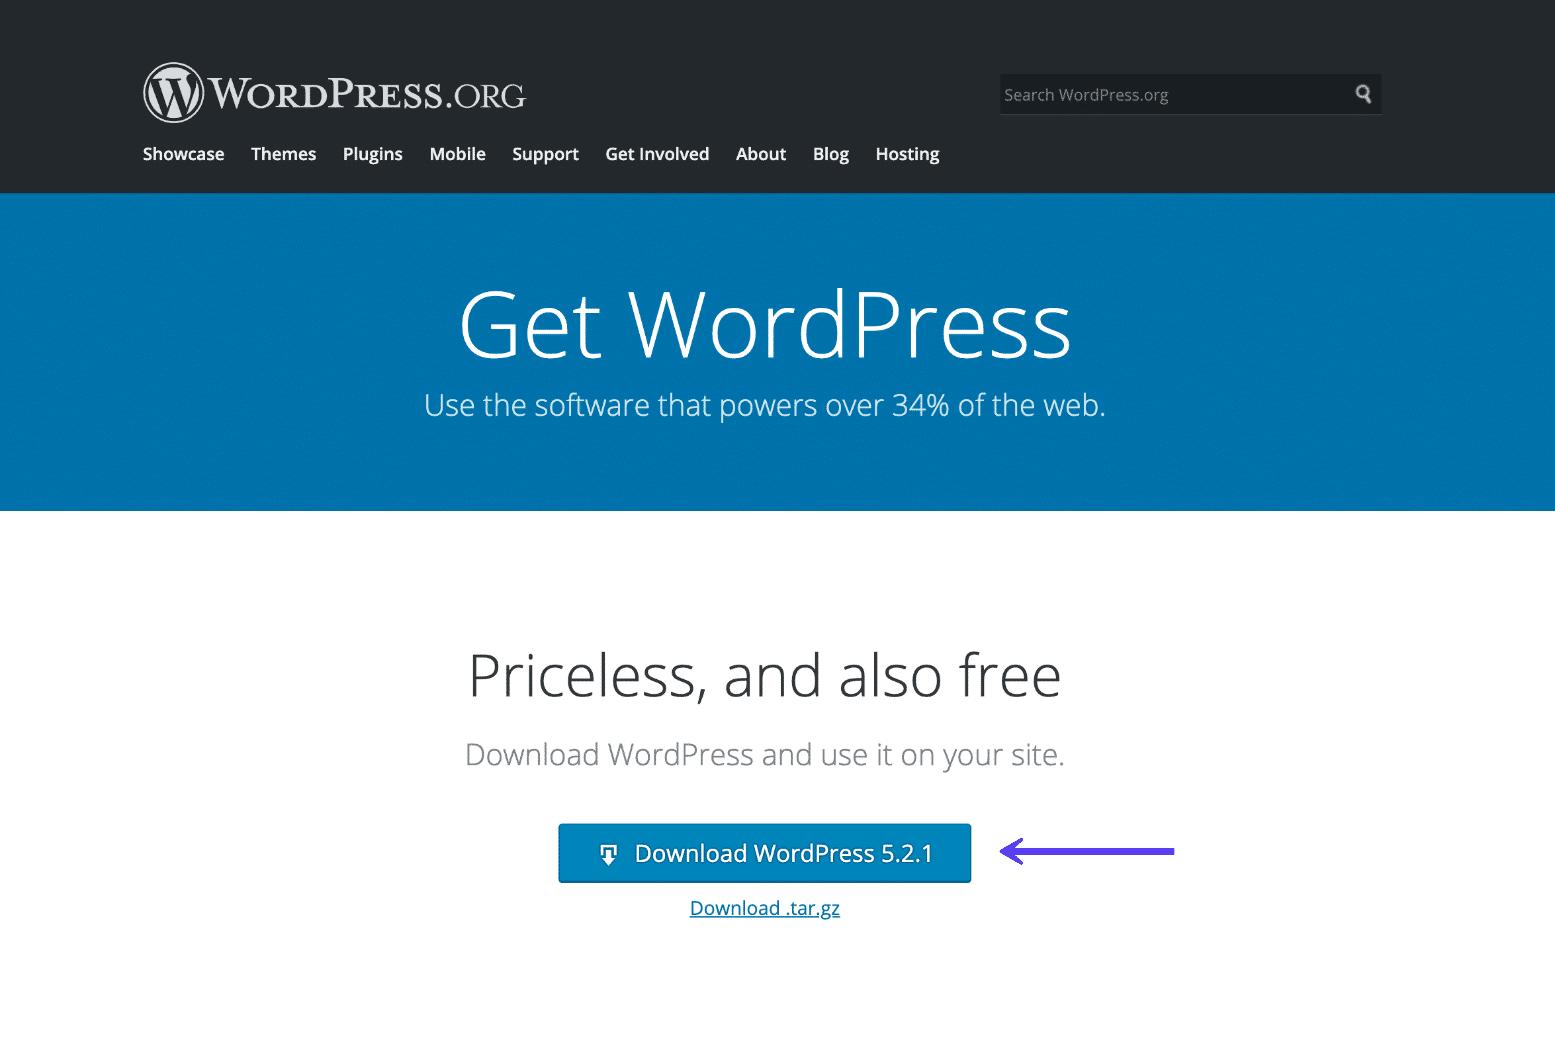 De nieuwste versie van WordPress downloaden